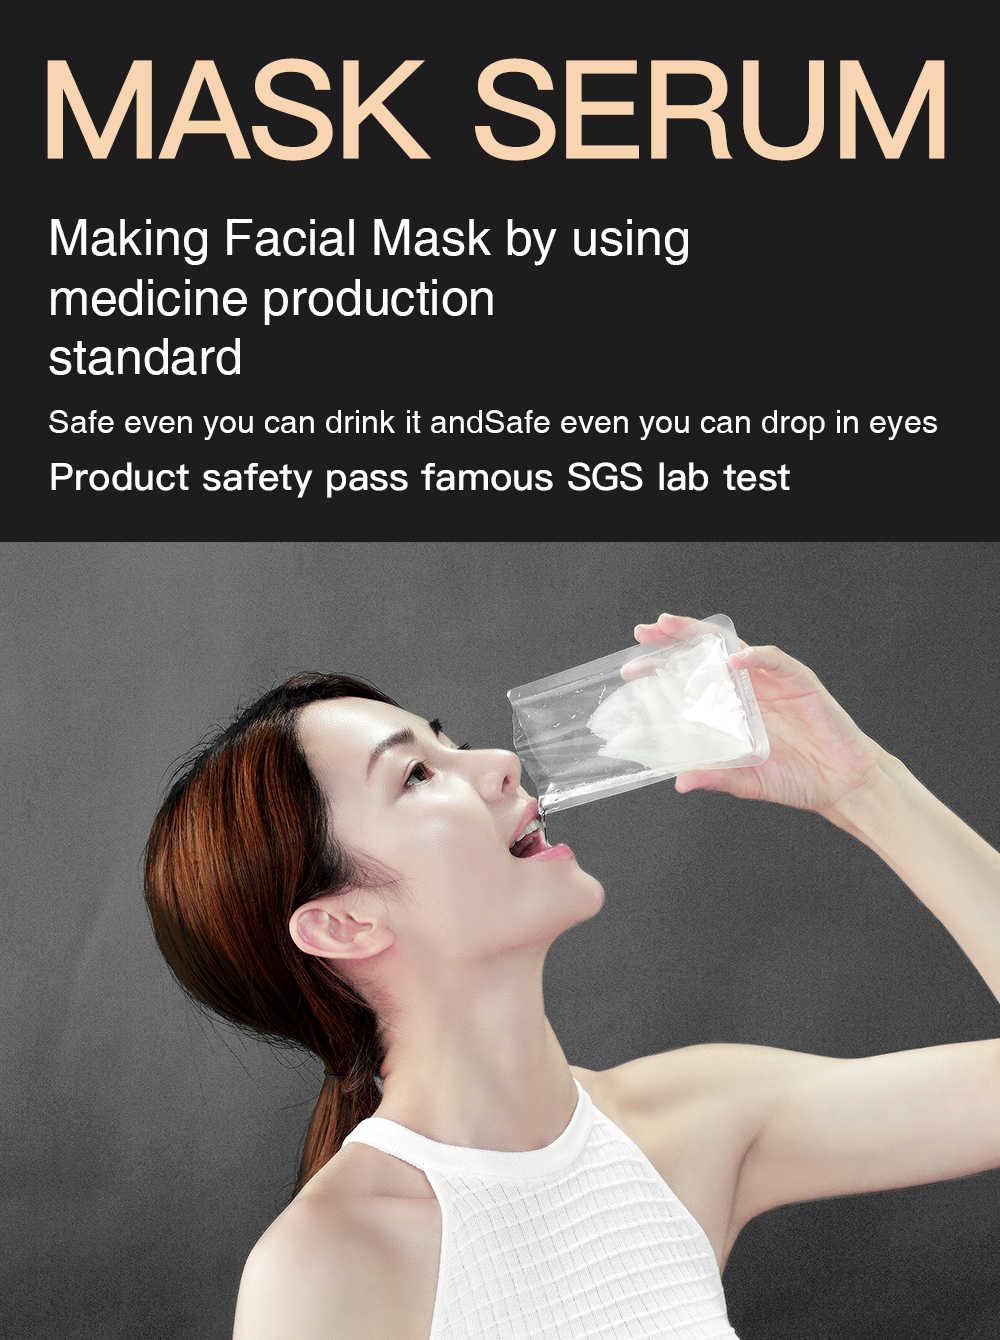 Rose Rivitalizzante Carbonio Maschera per Il Viso Detergente Idratante Mecmor Additivo Trasporto Naturale Organico Oro Nero Viso Copriletto 5 Pc Set